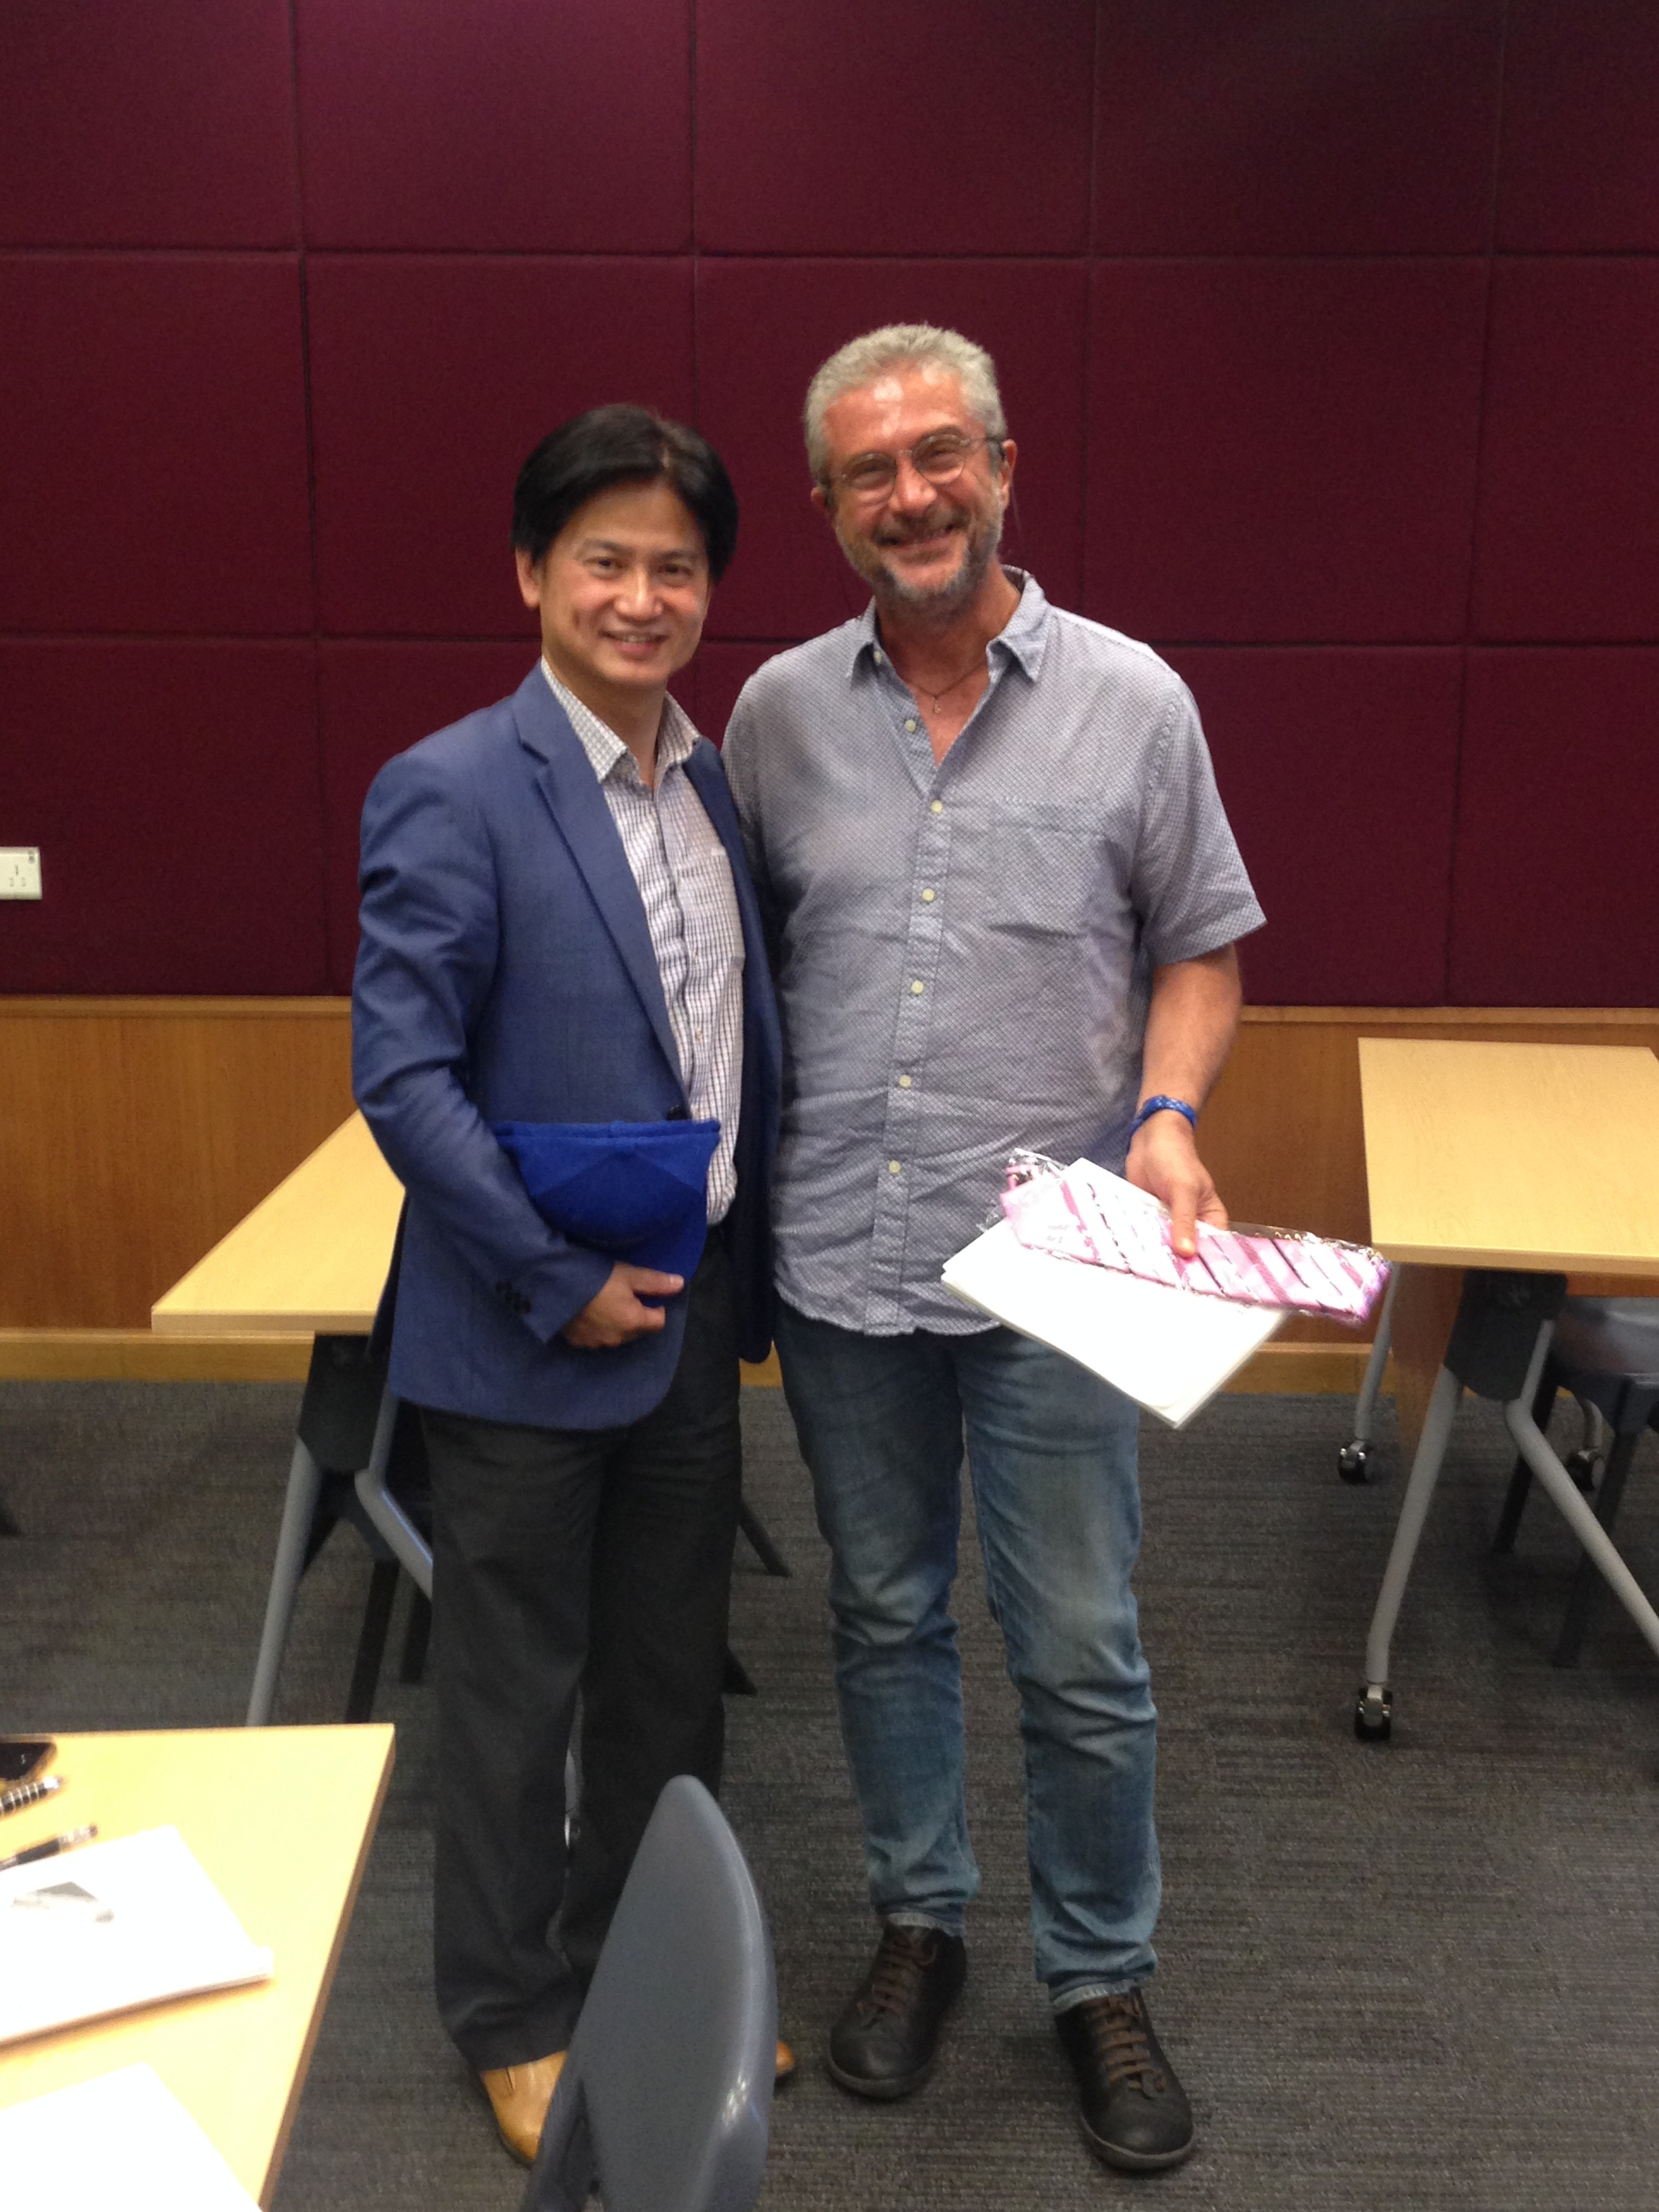 Photo 3: Cino and Charles Ng